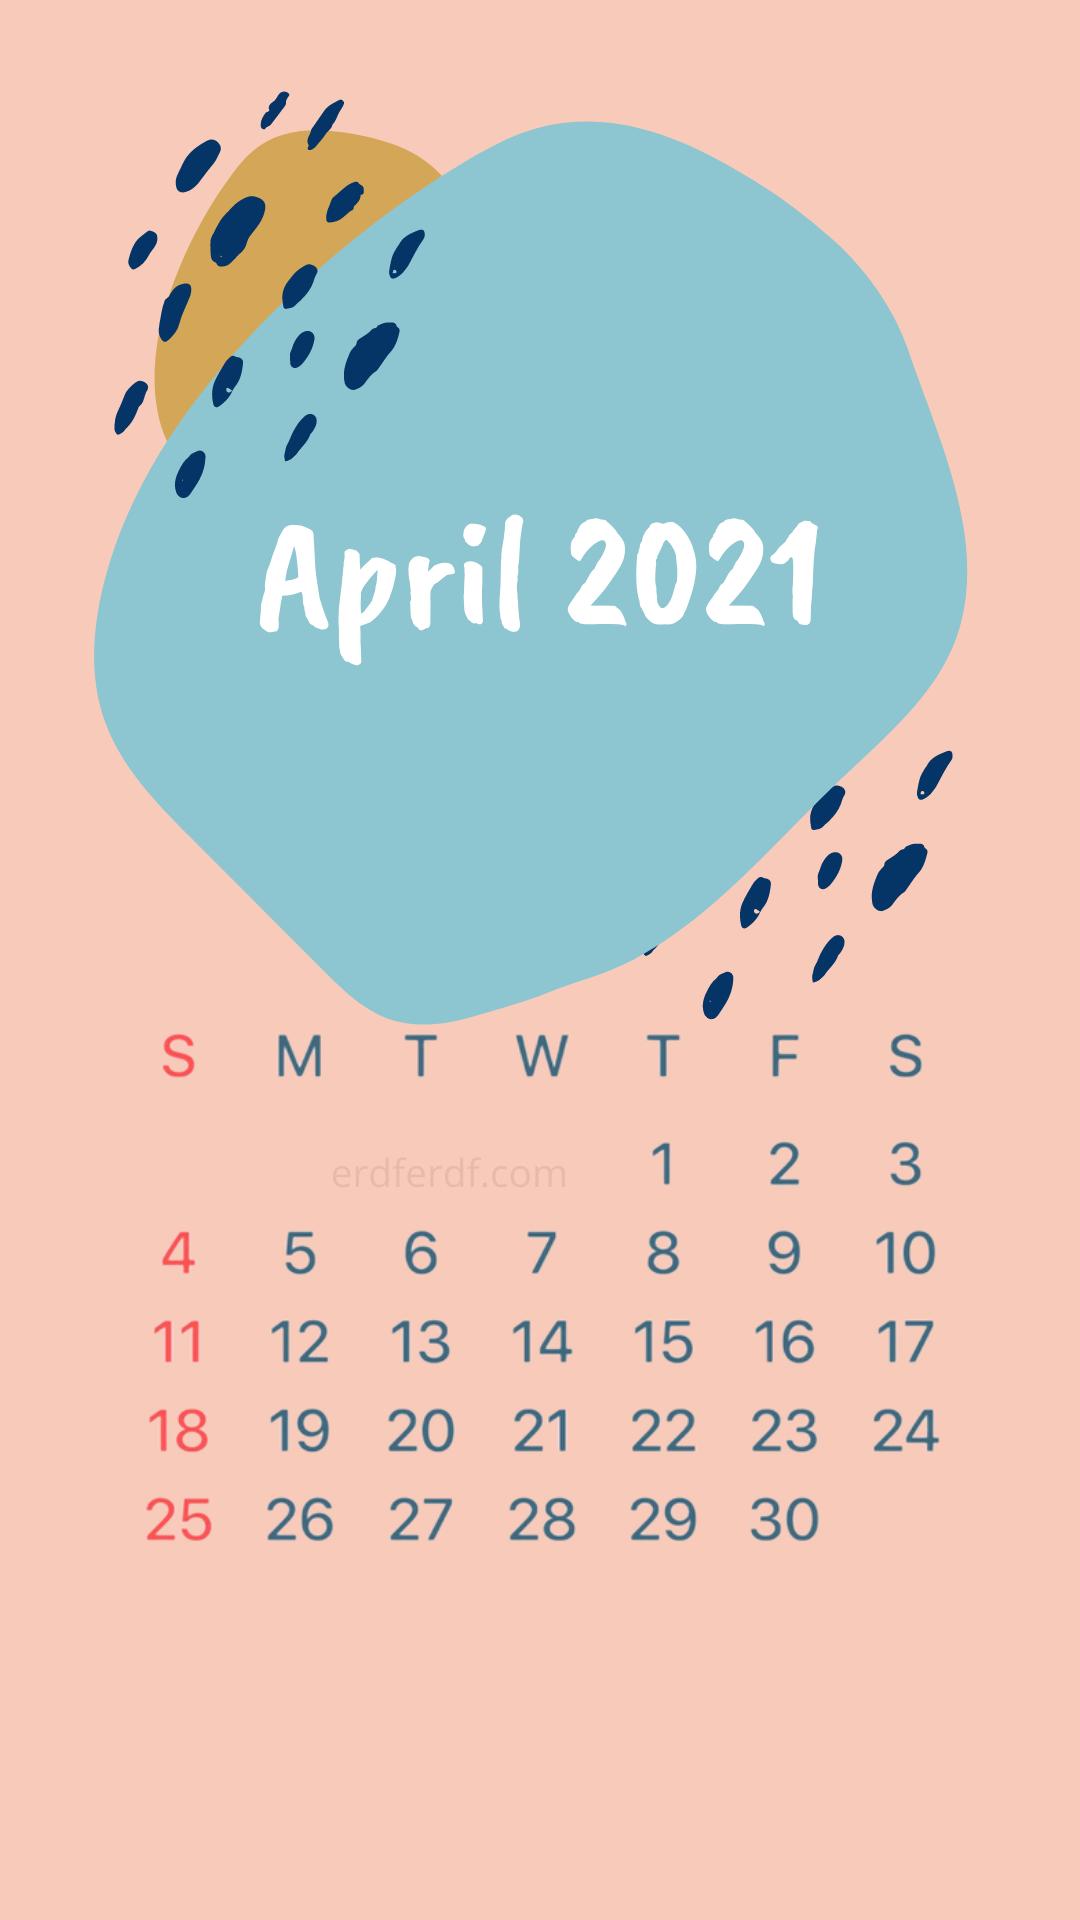 Iphone Wallpaper April 2021 Calendar Orange